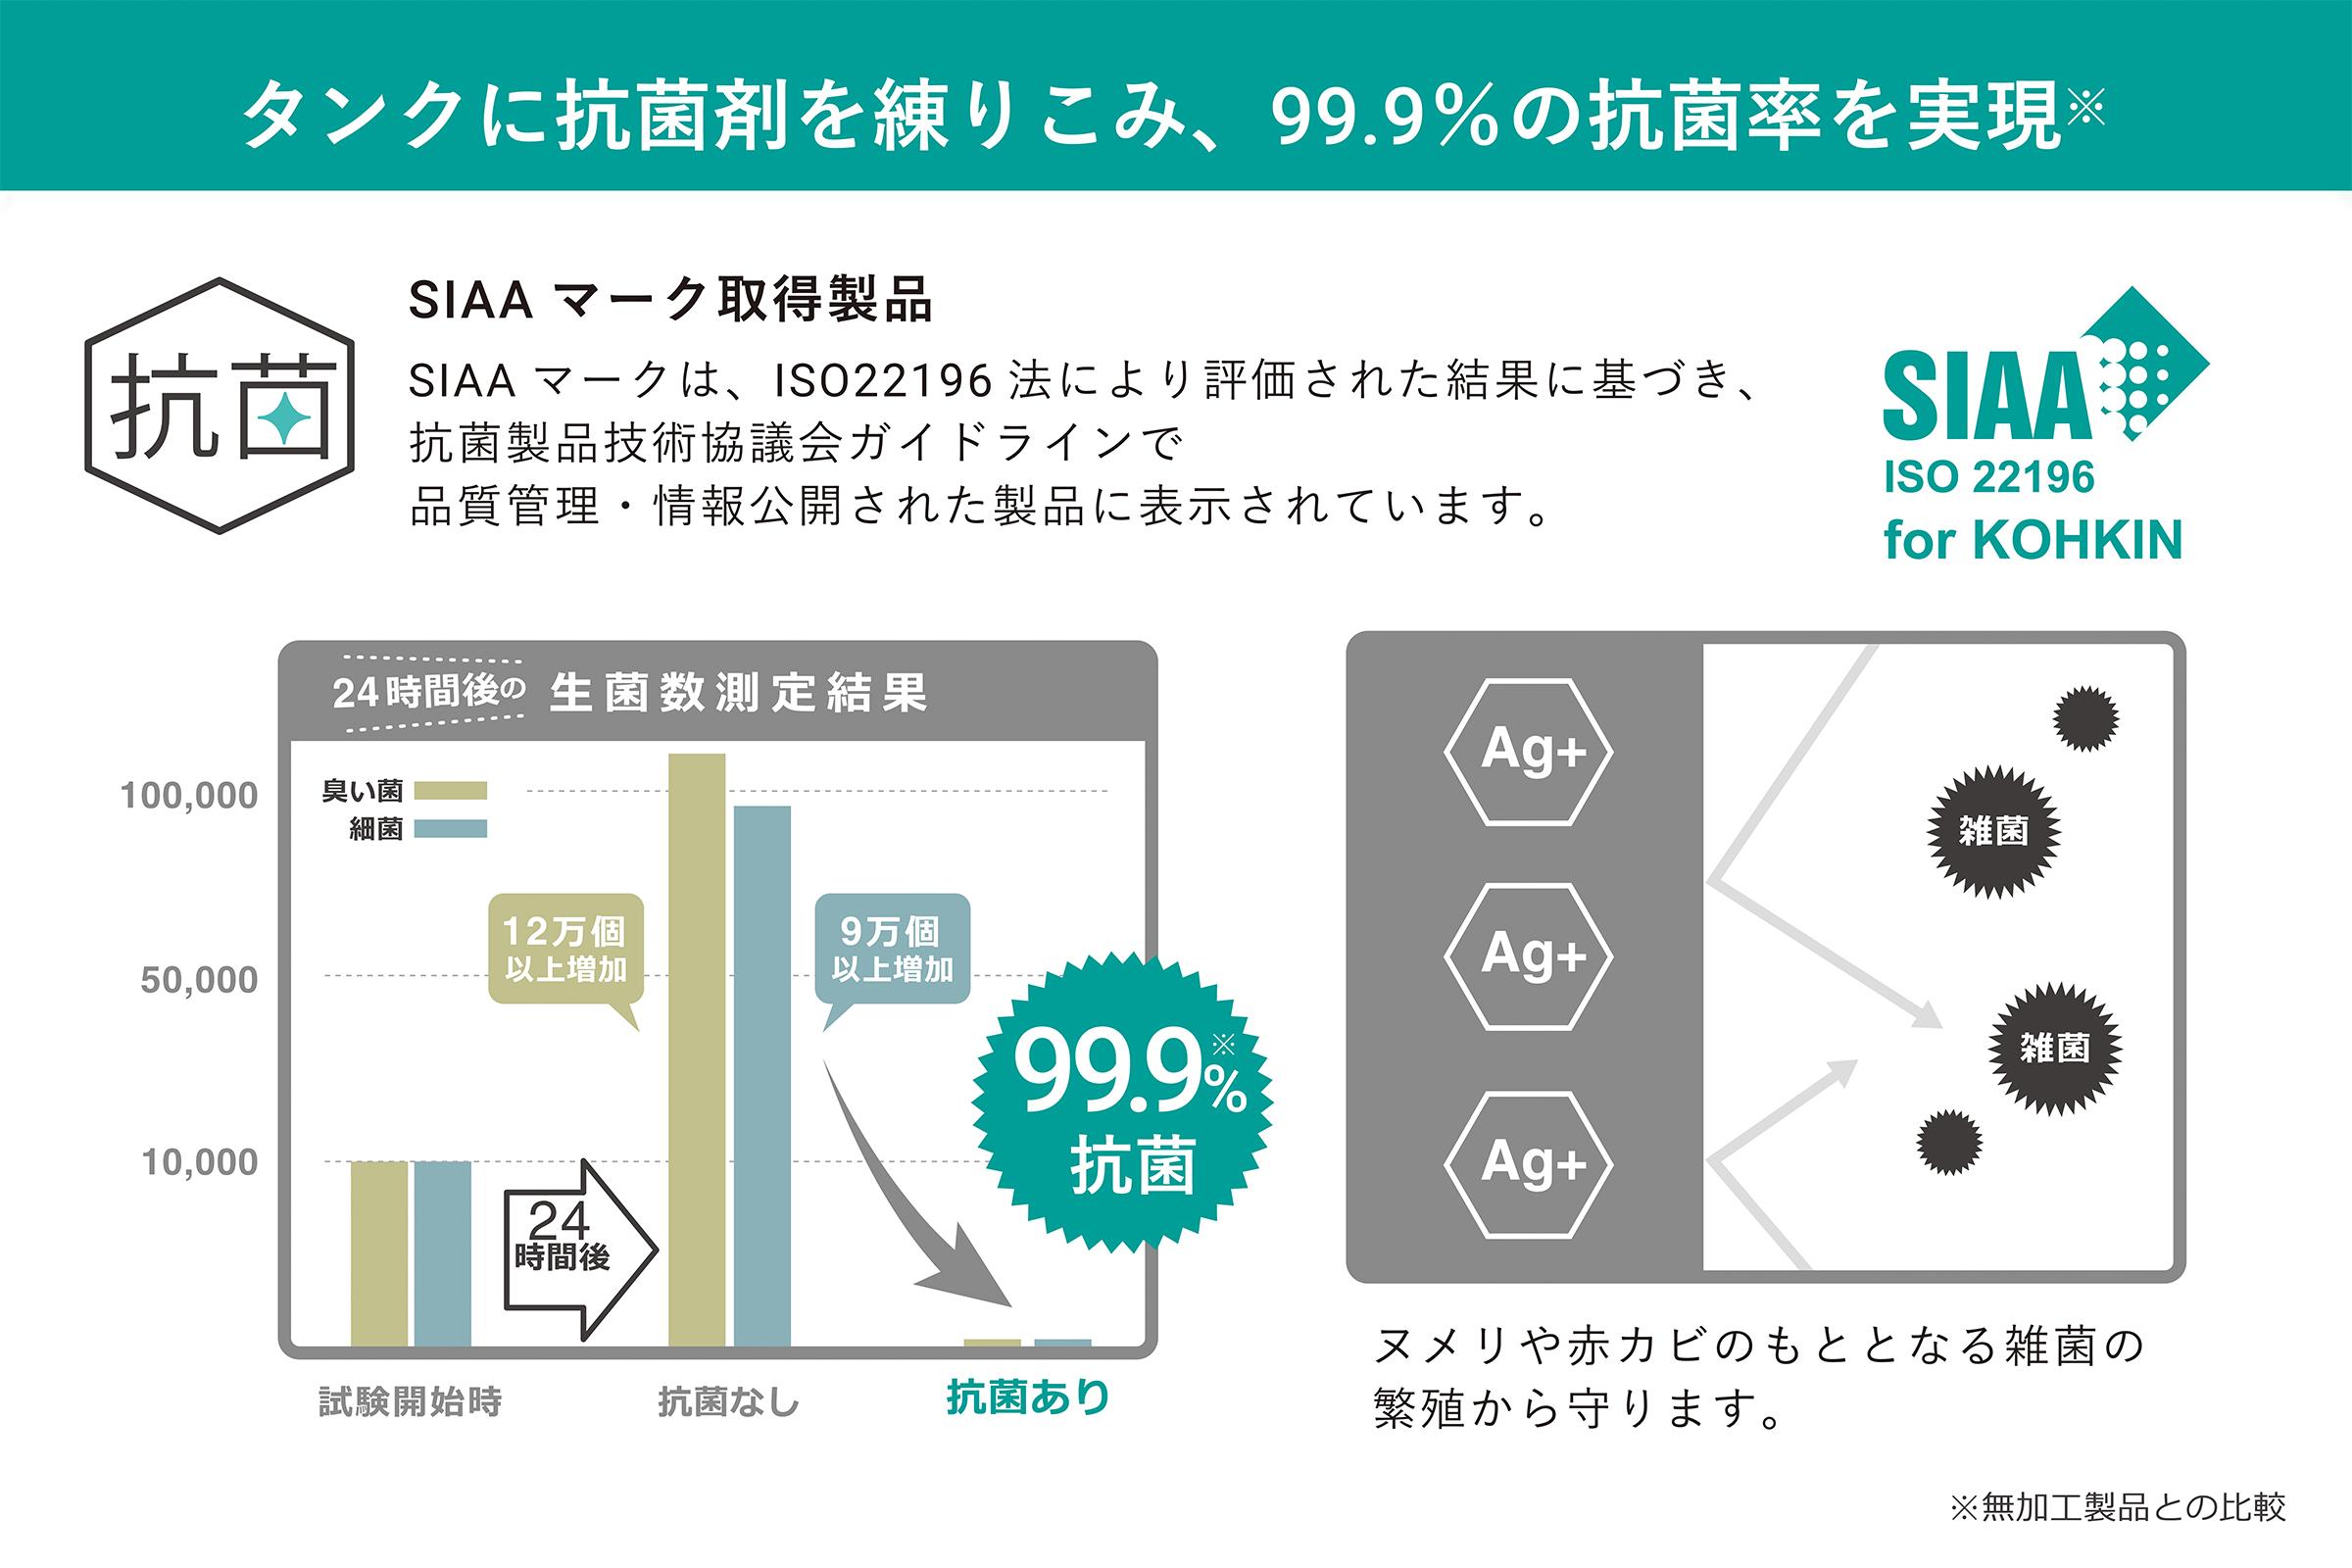 SIAA説明画像